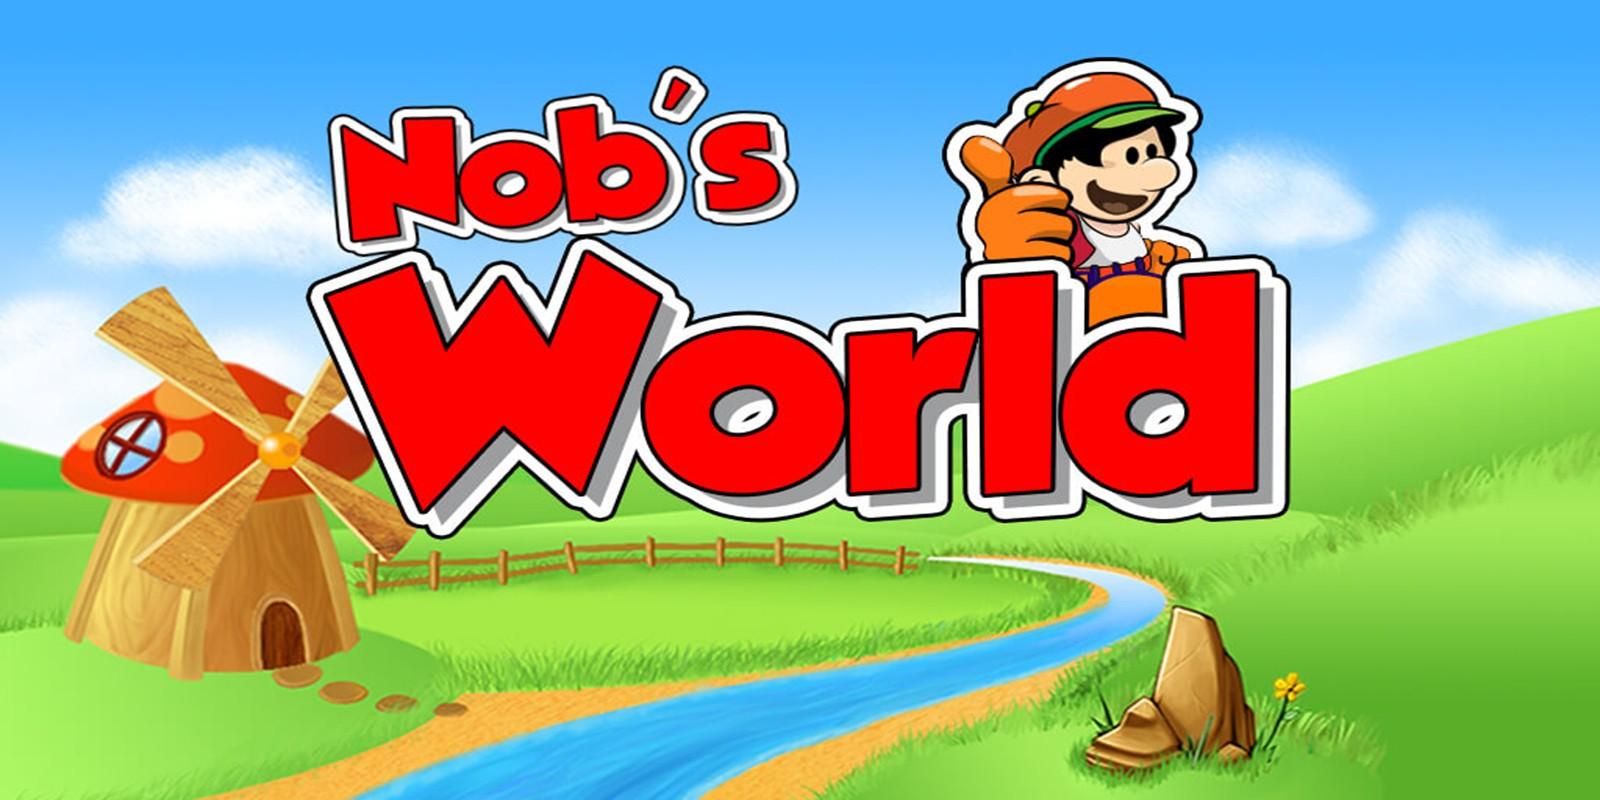 Super NobsWorld - Unity Platformer with Admob